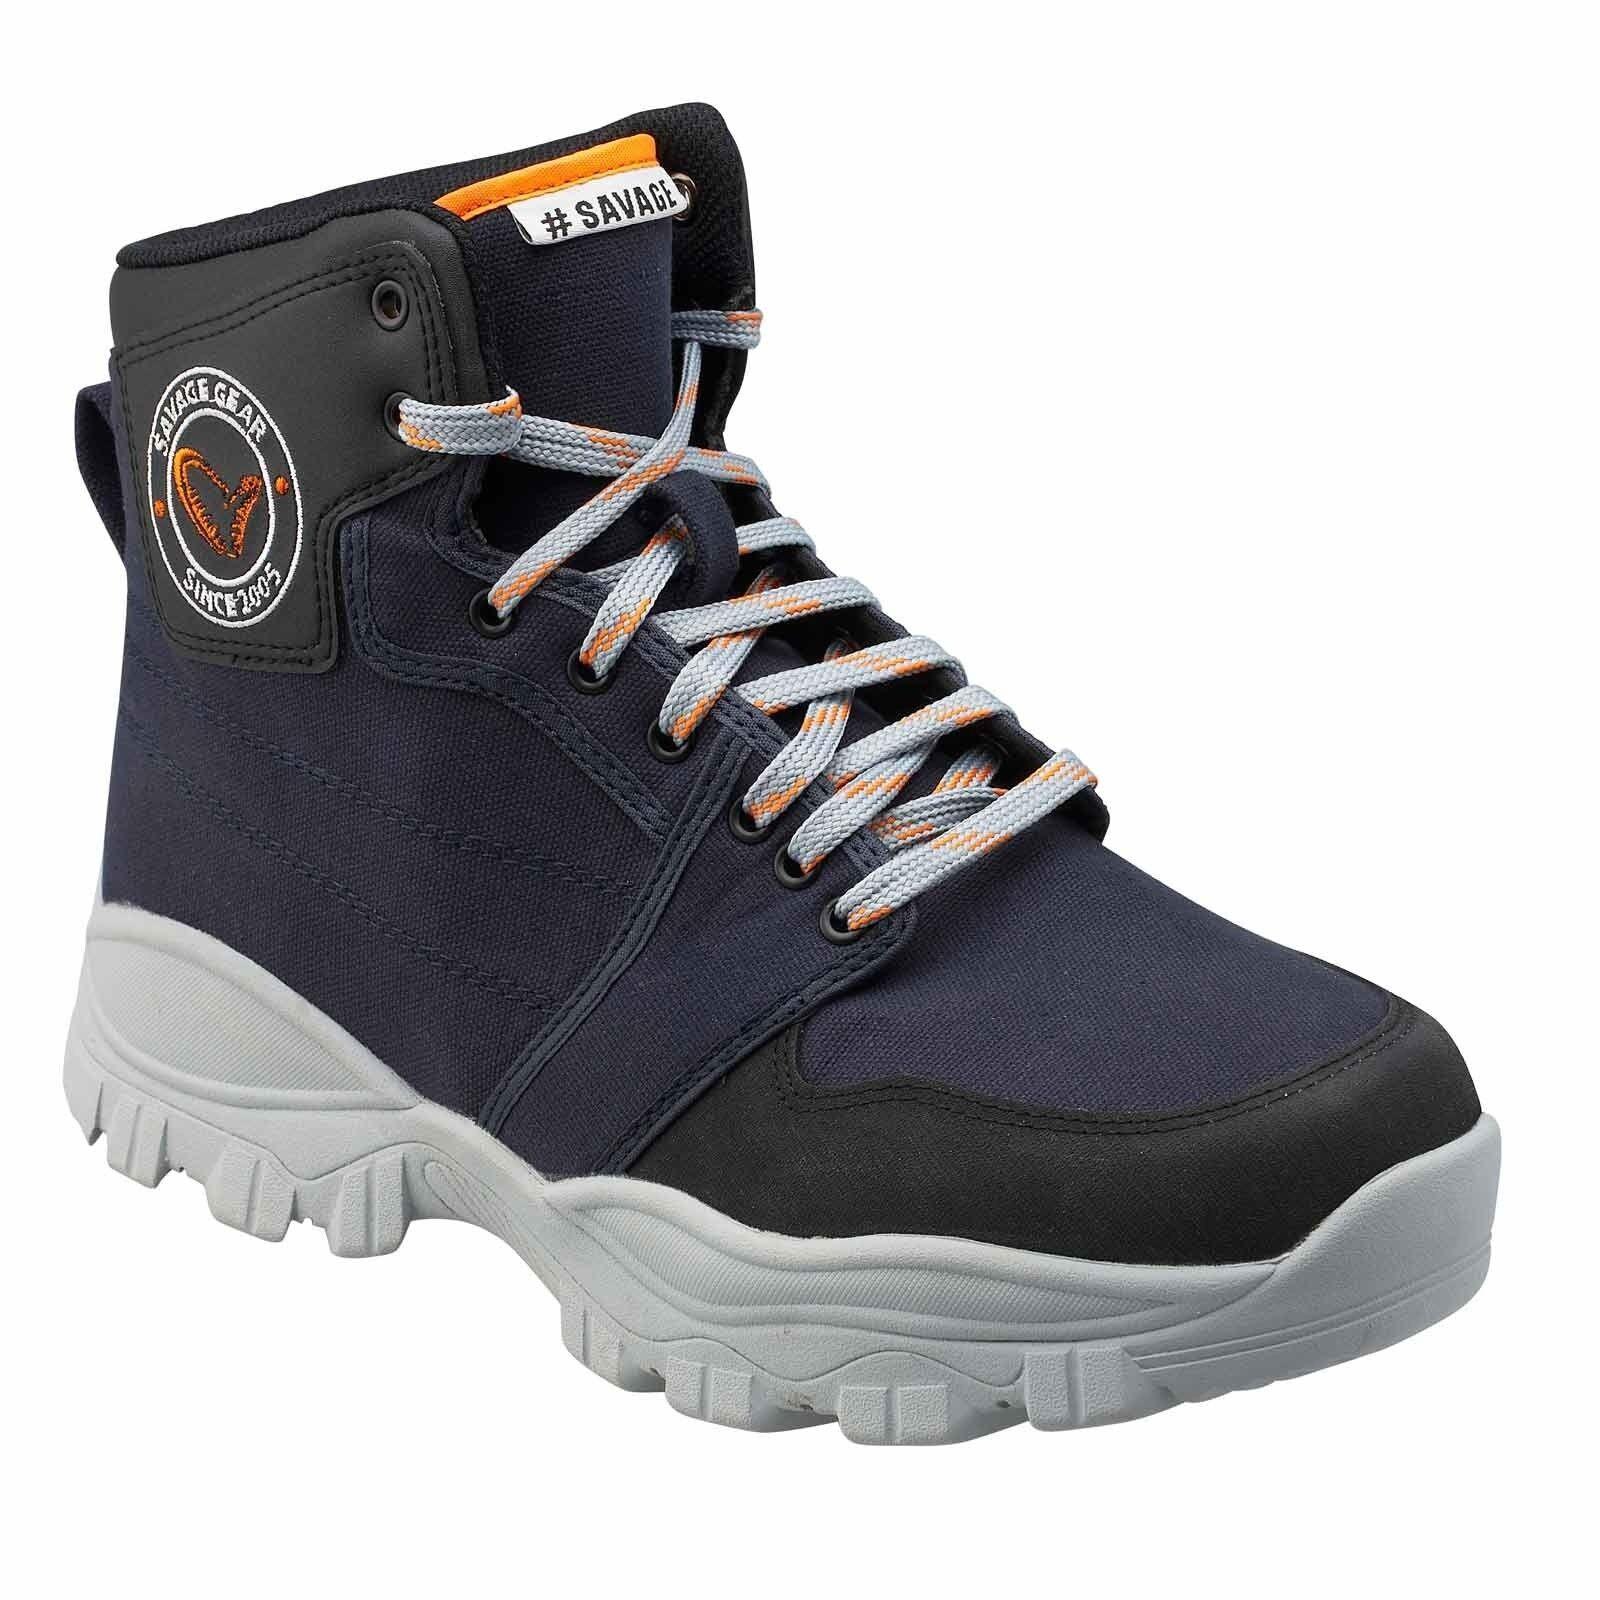 Savage Gear watscarpe -  savage scarpe da ginnastica Wading scarpe taglia 45